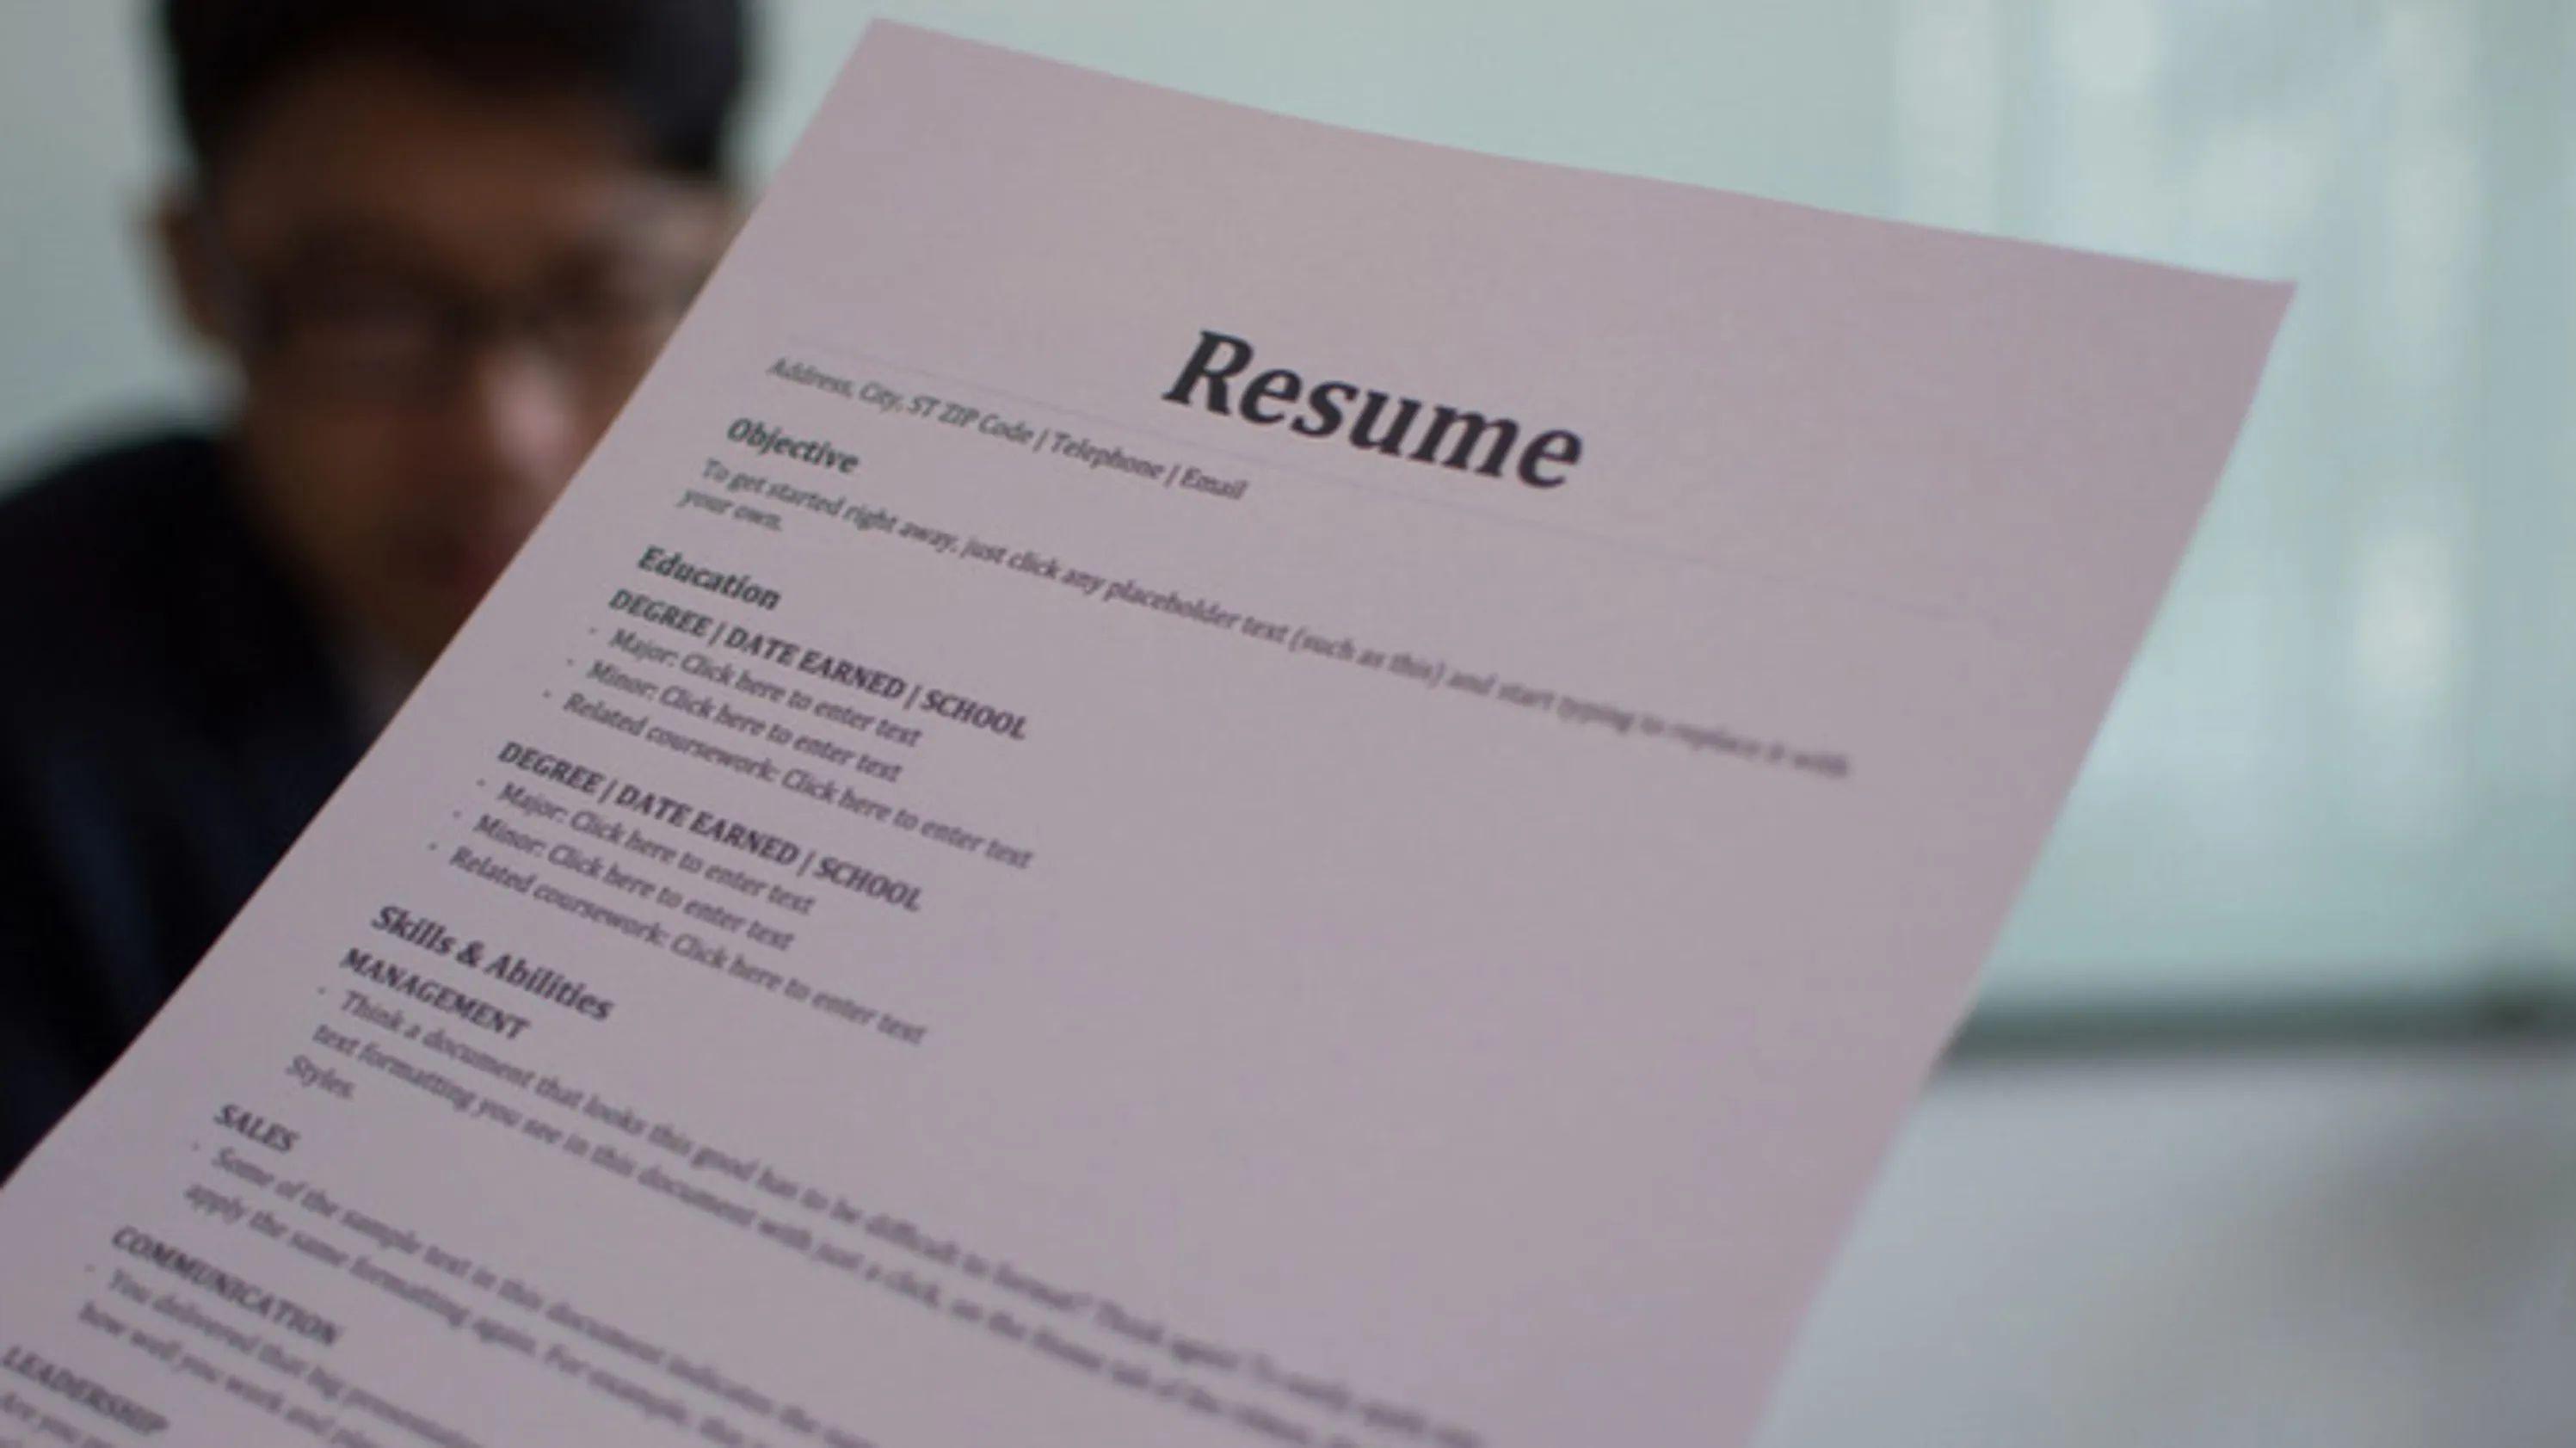 cv or resume in usa